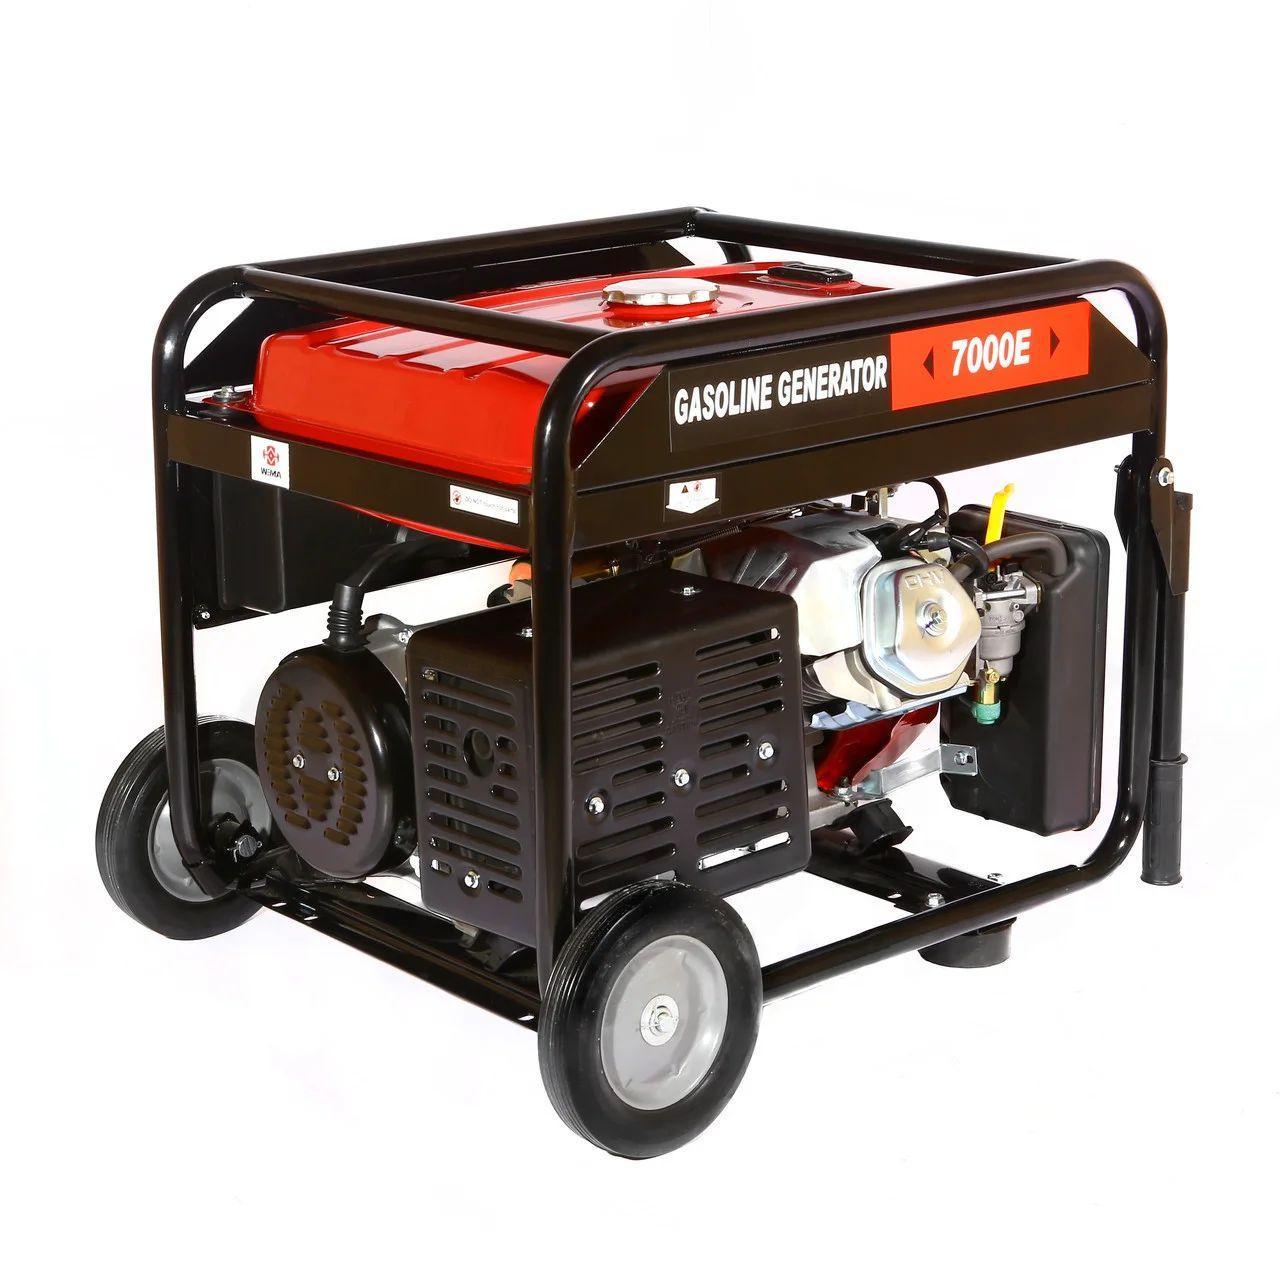 Генератор бензиновый WEIMA WM7000E (7 КВТ, 1 ФАЗА, ЭЛЕКТРОСТАРТЕР) Бесплатная доставка !!!